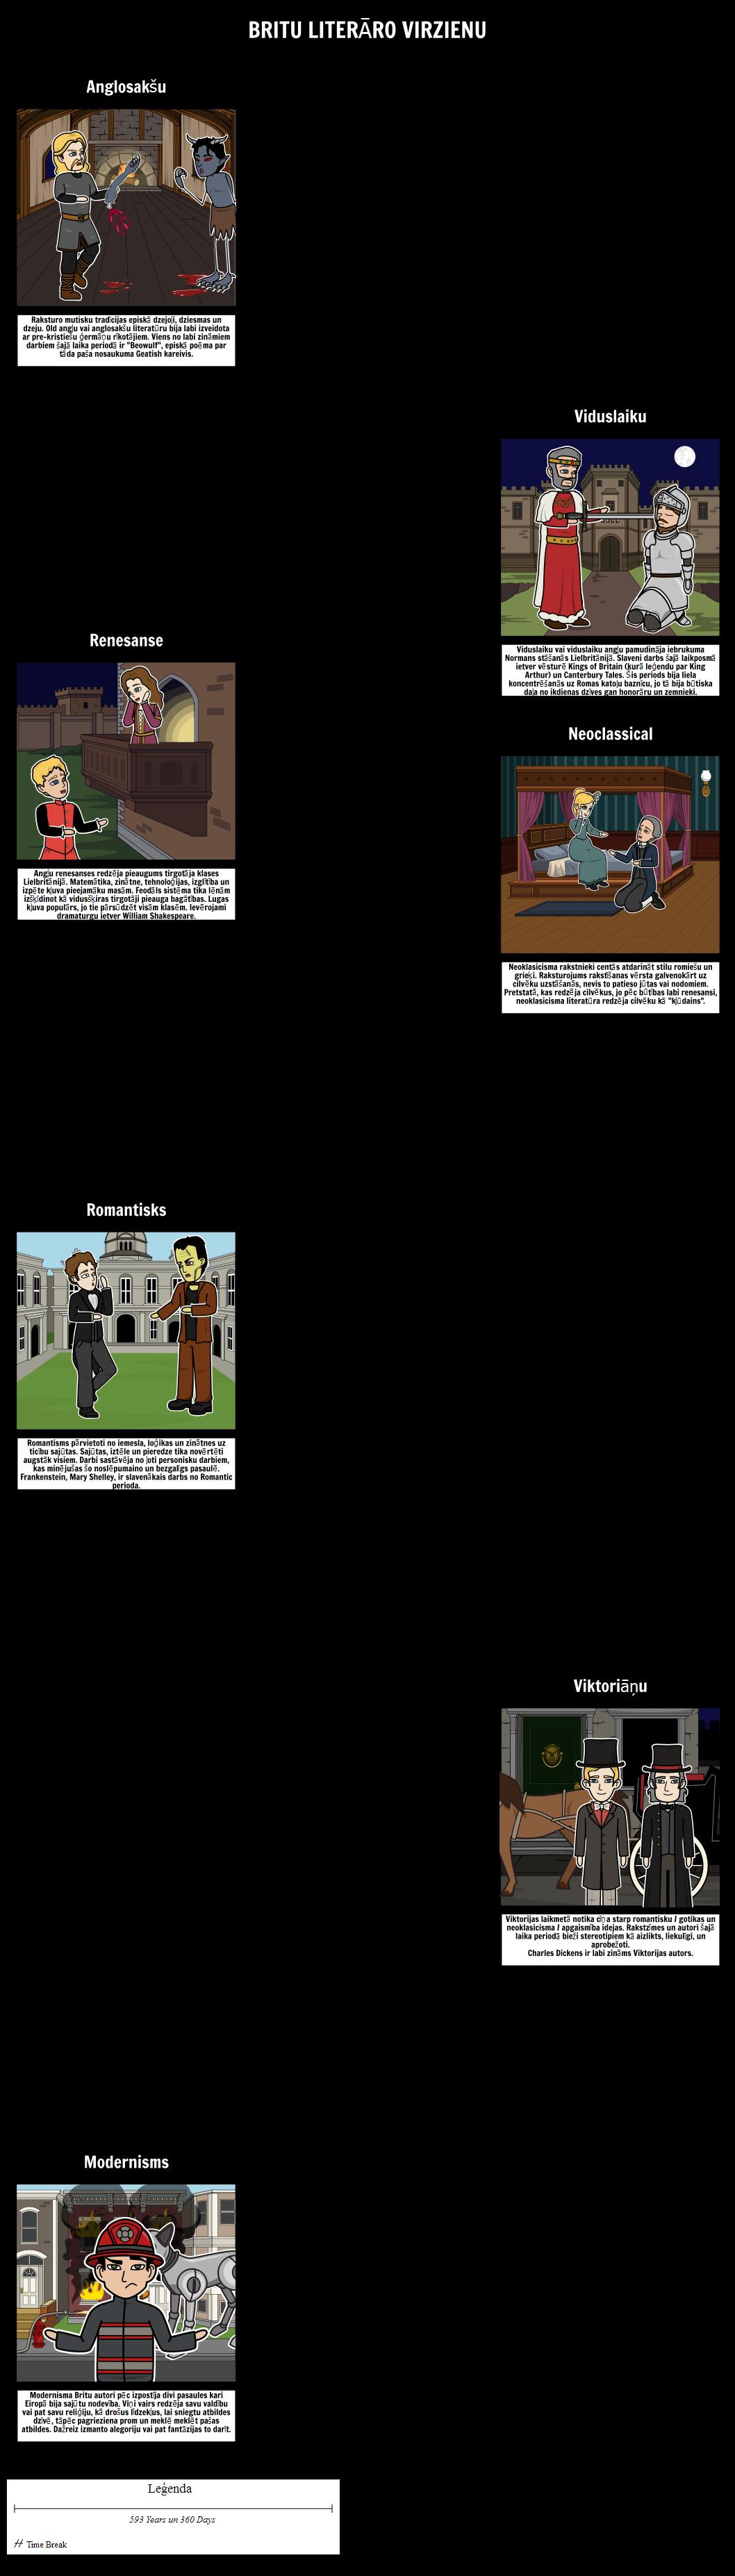 Britu Literāro Virzienu Timeline